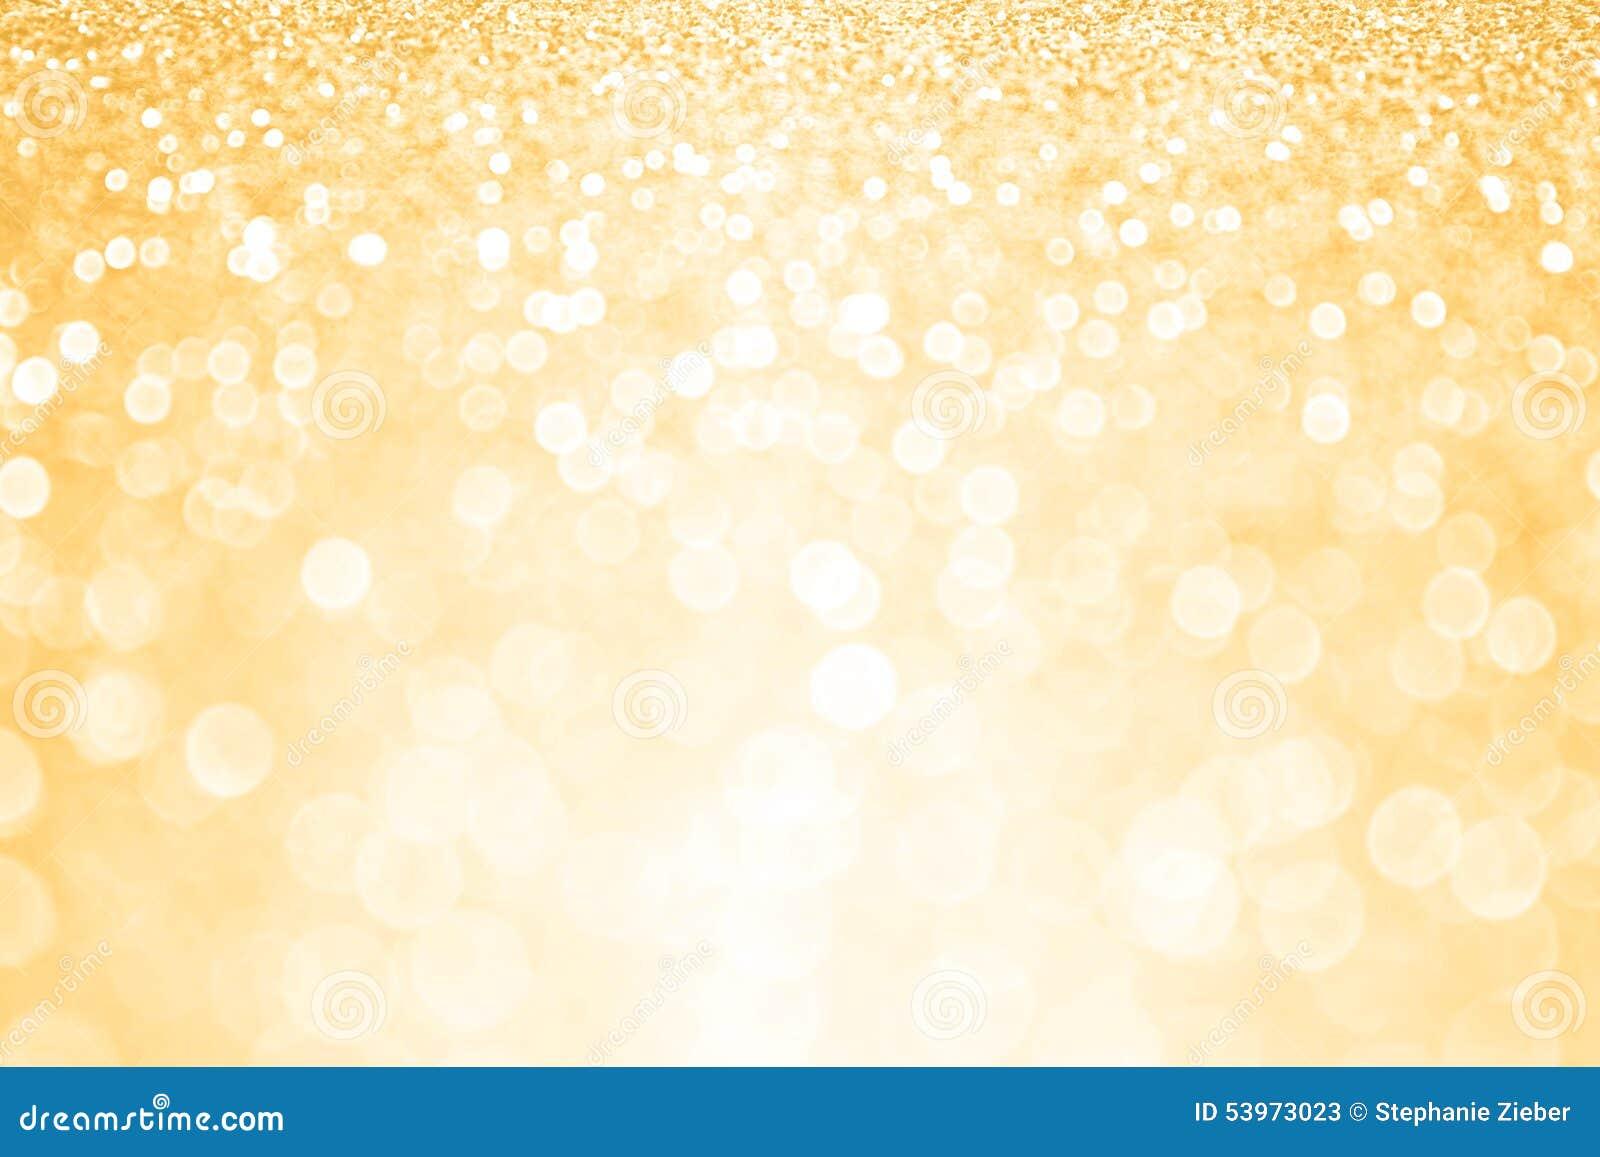 Золотая предпосылка вечеринки по случаю дня рождения